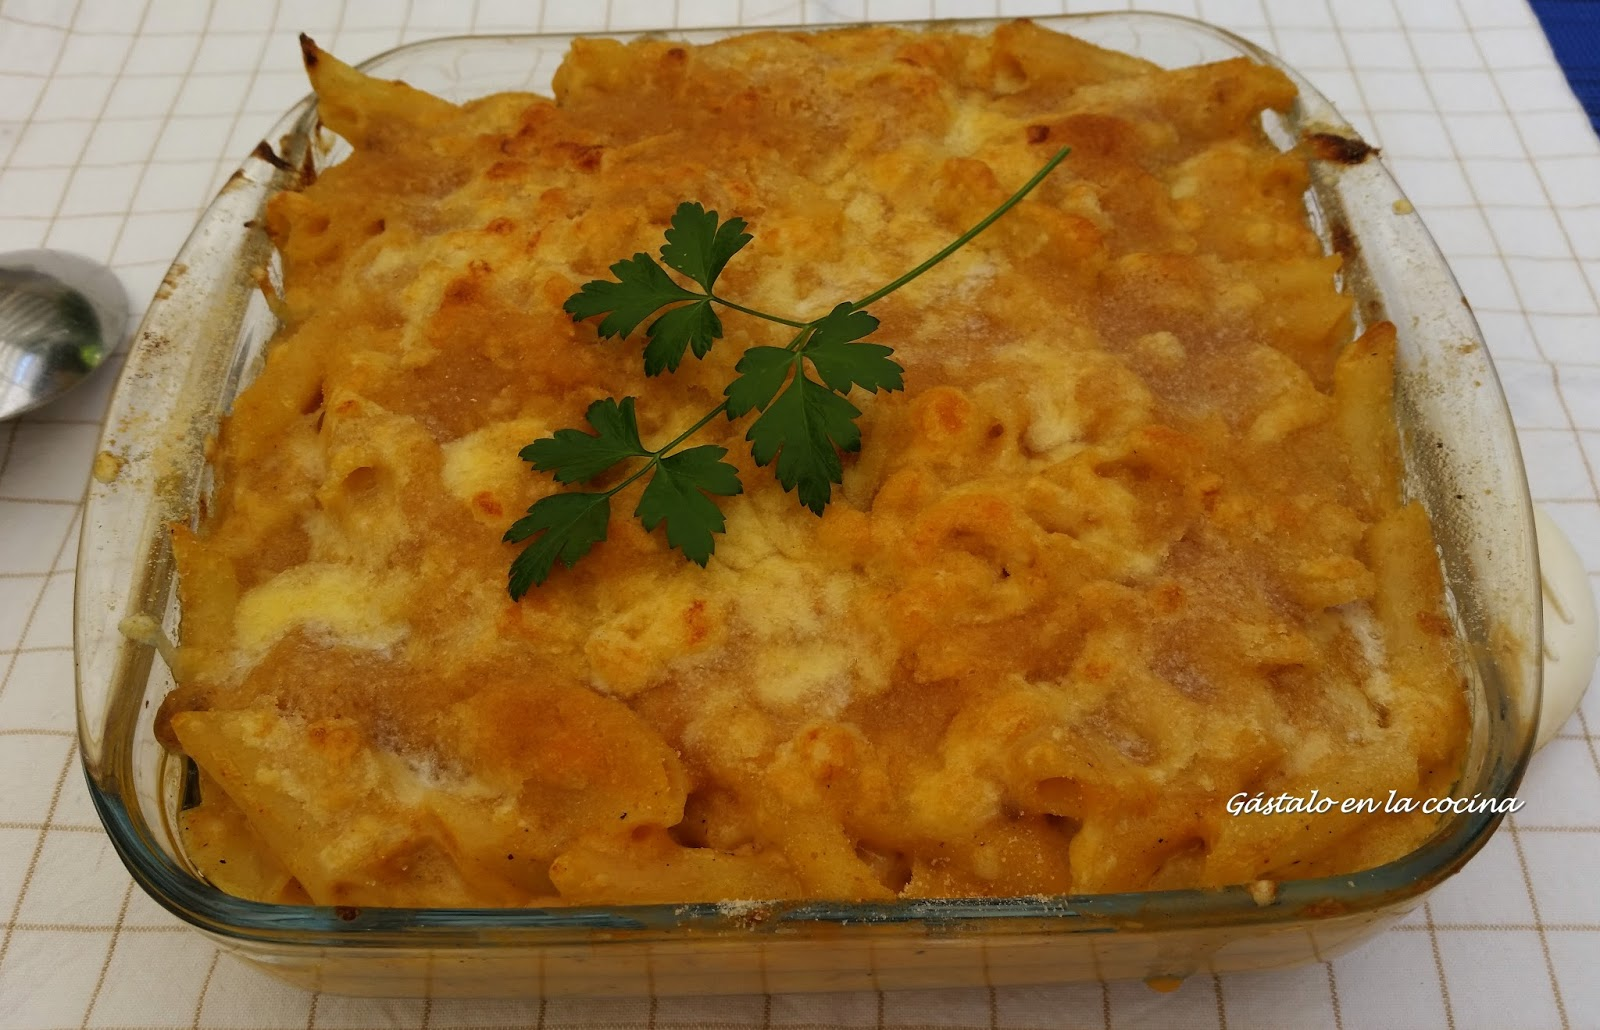 Gástalo en la cocina: MAC & CHEESE (MACARRONES CON QUESO)